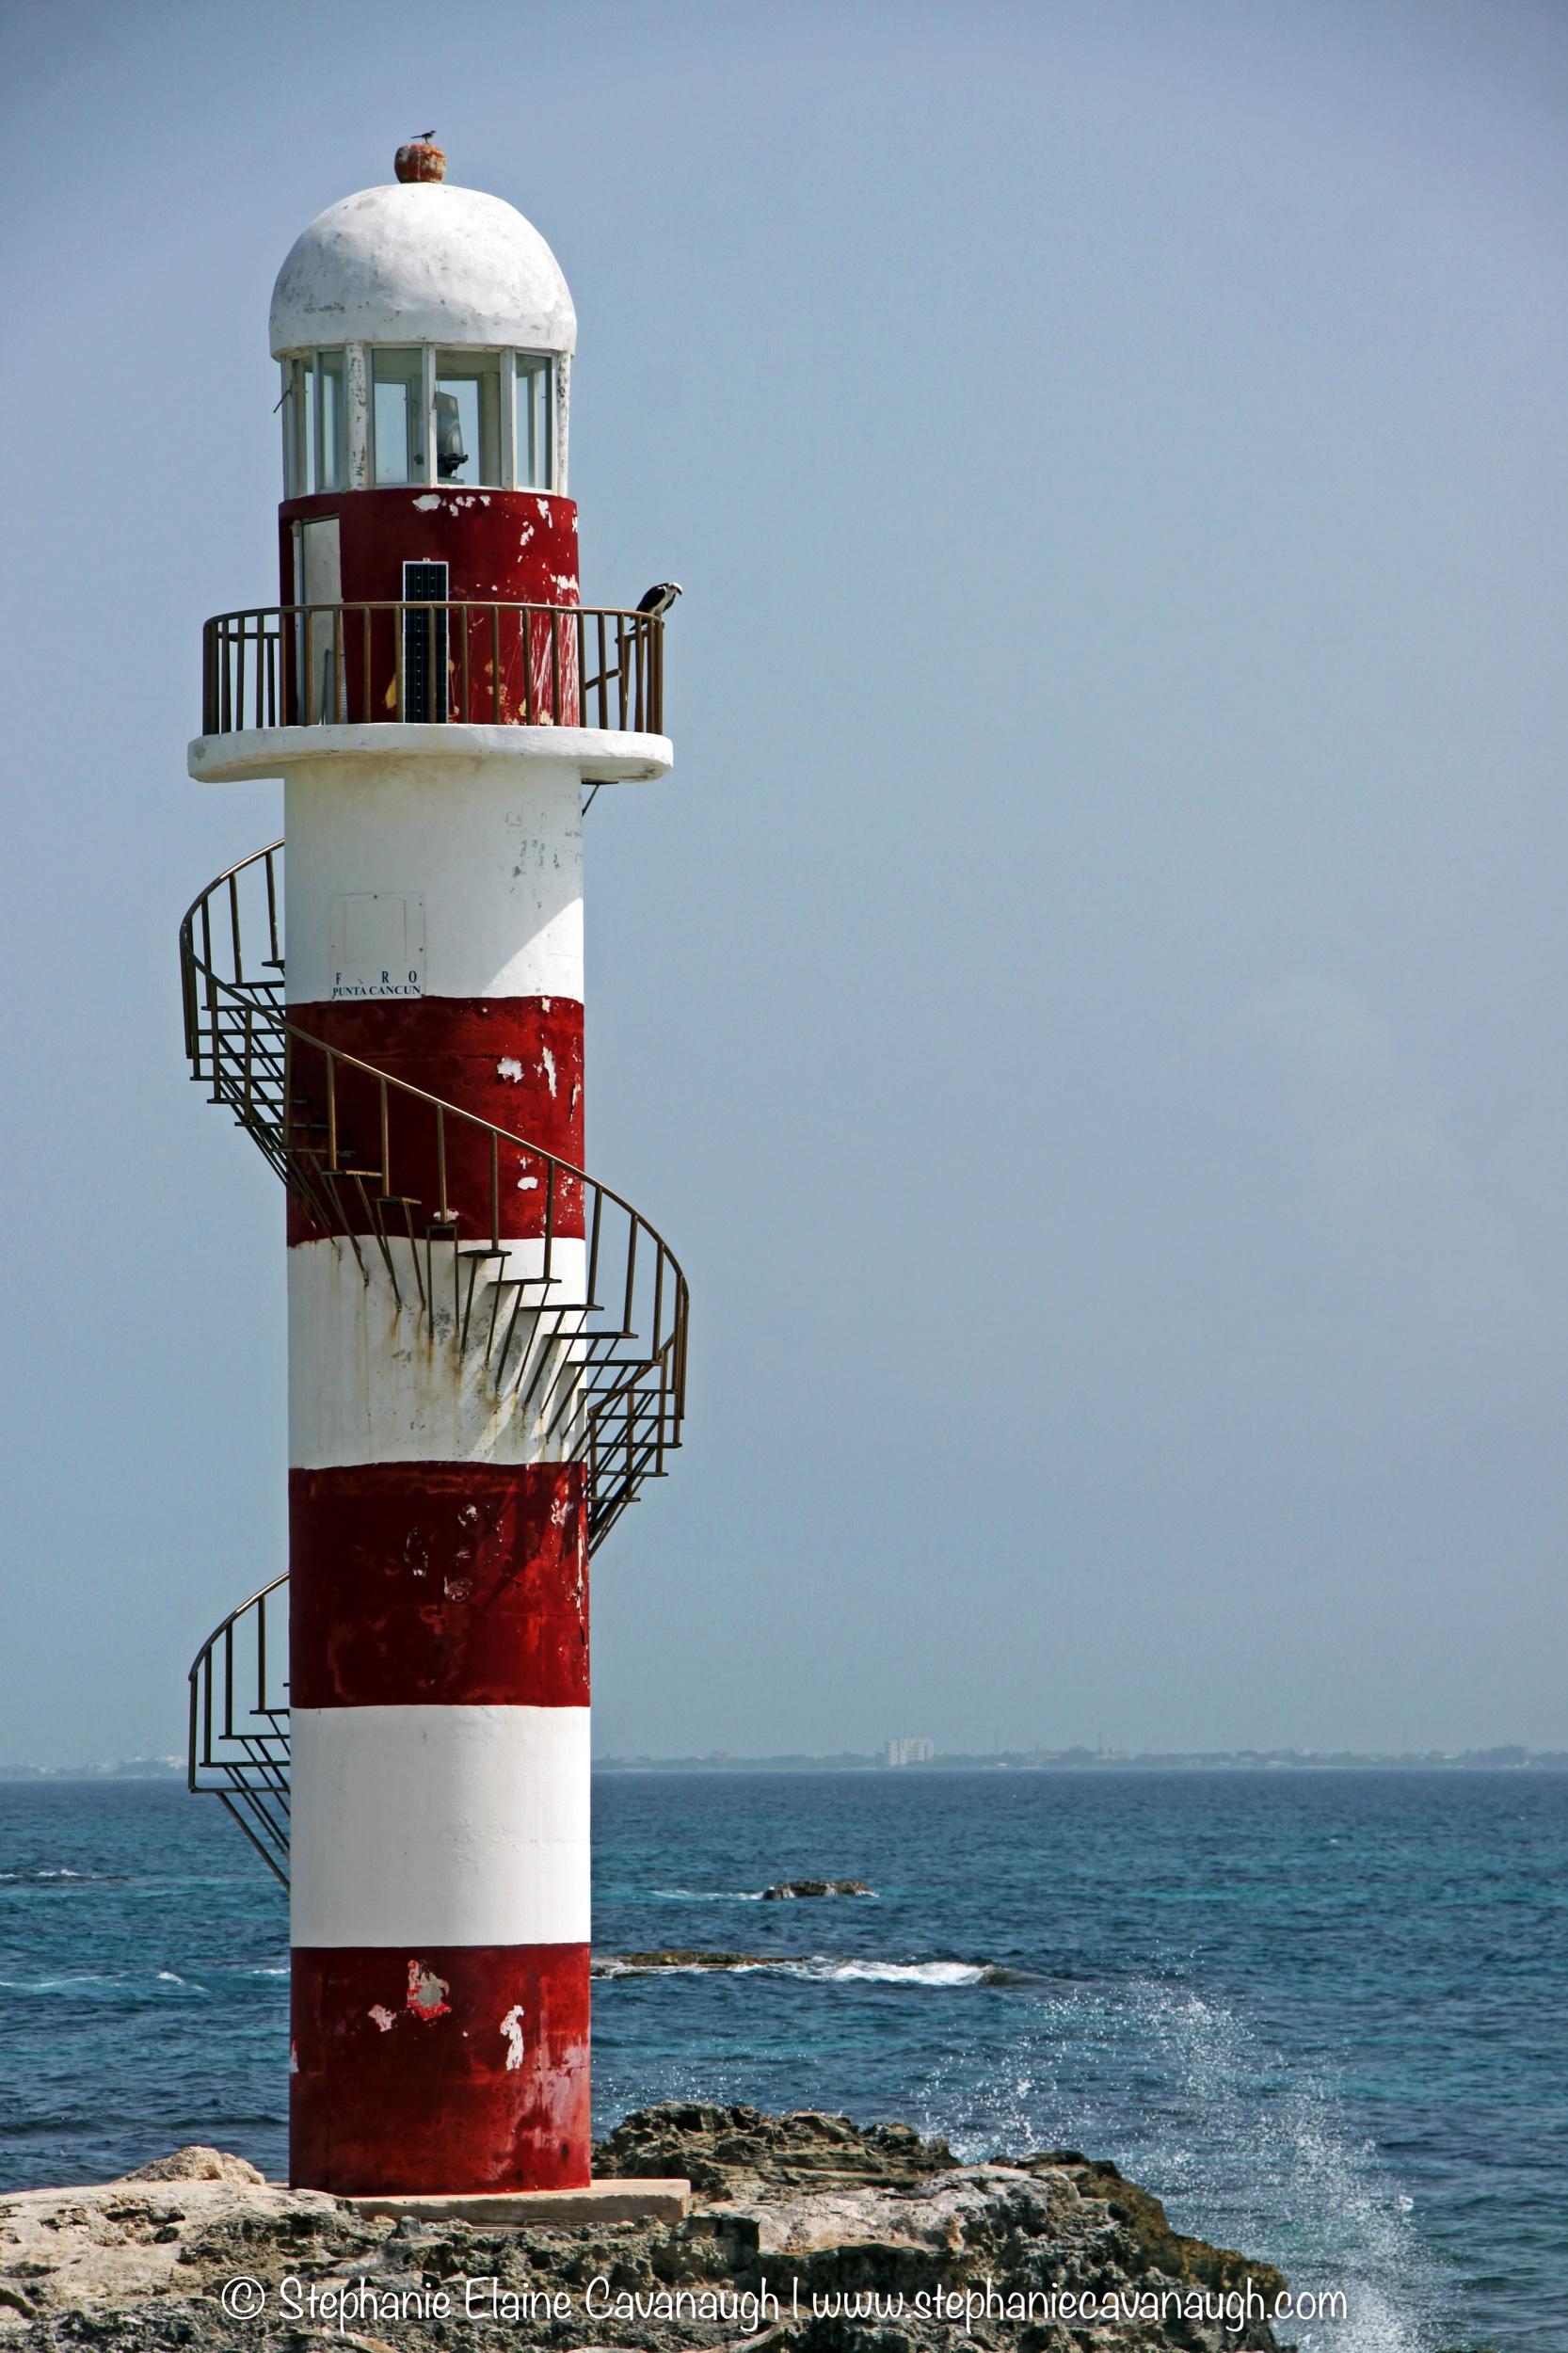 Lighthouse I, © Stephanie Elaine Cavanaugh